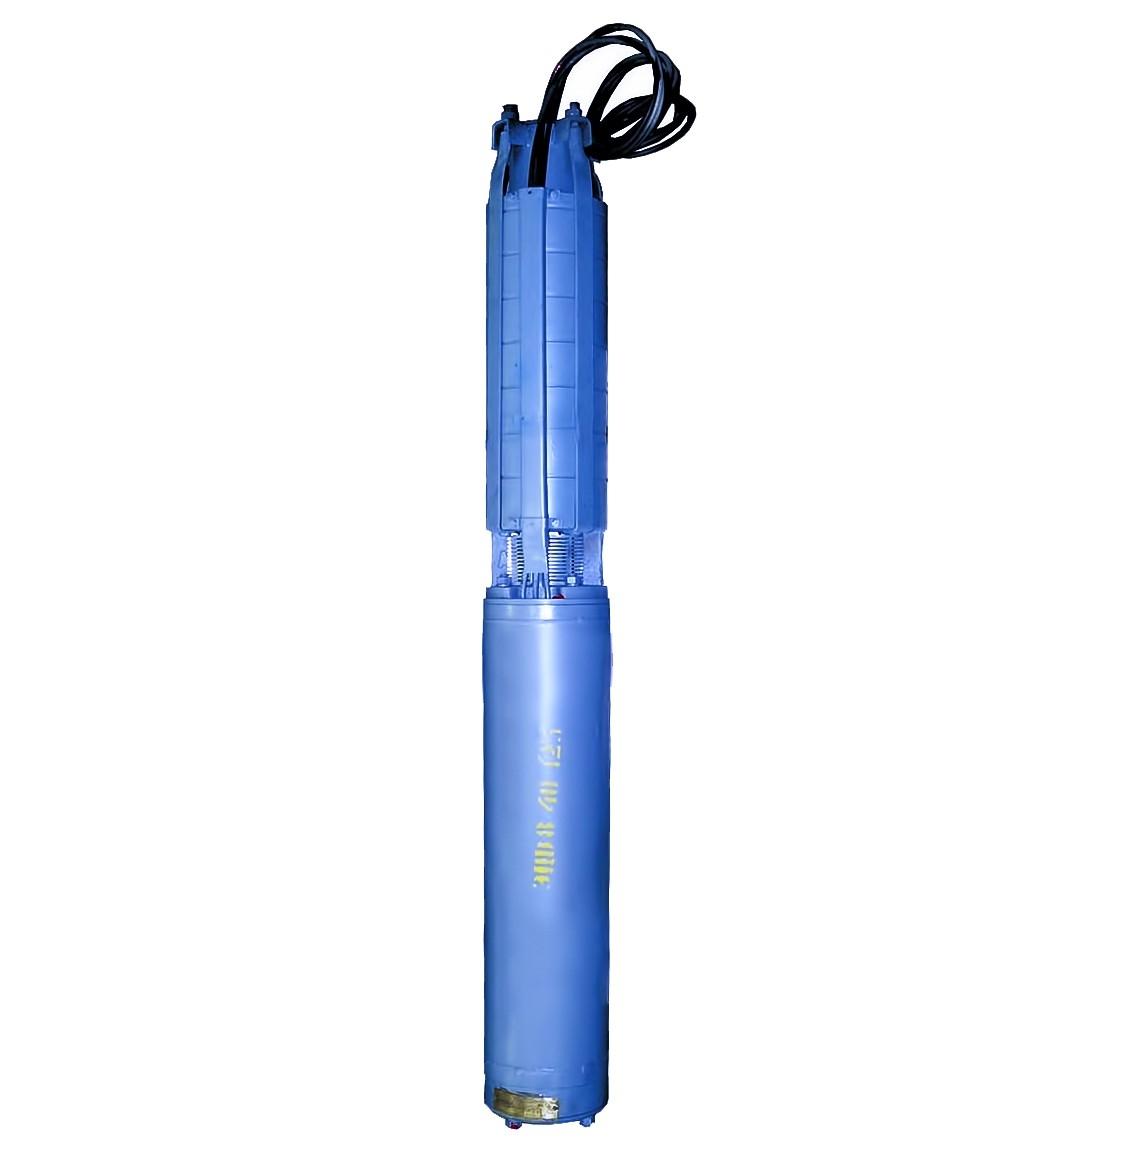 Погружной насос ЭЦВ 5-6,5-120 армлен